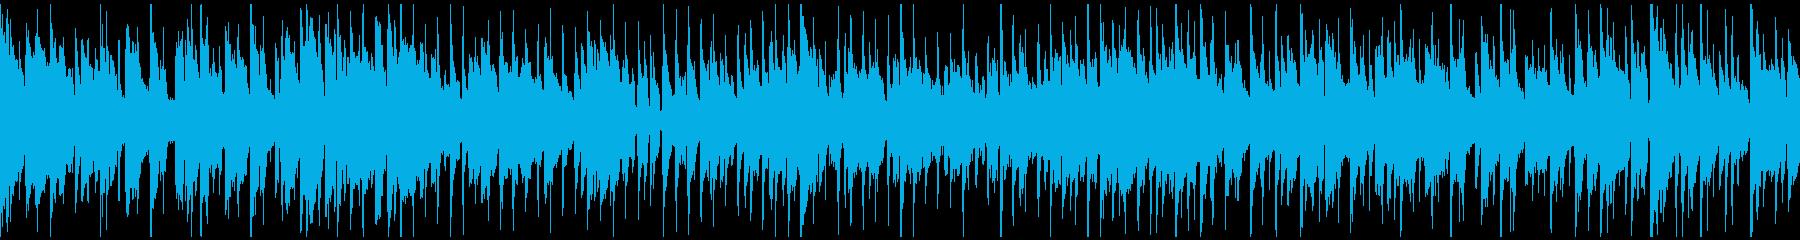 クラブジャズ、おしゃれサックス※ループ版の再生済みの波形